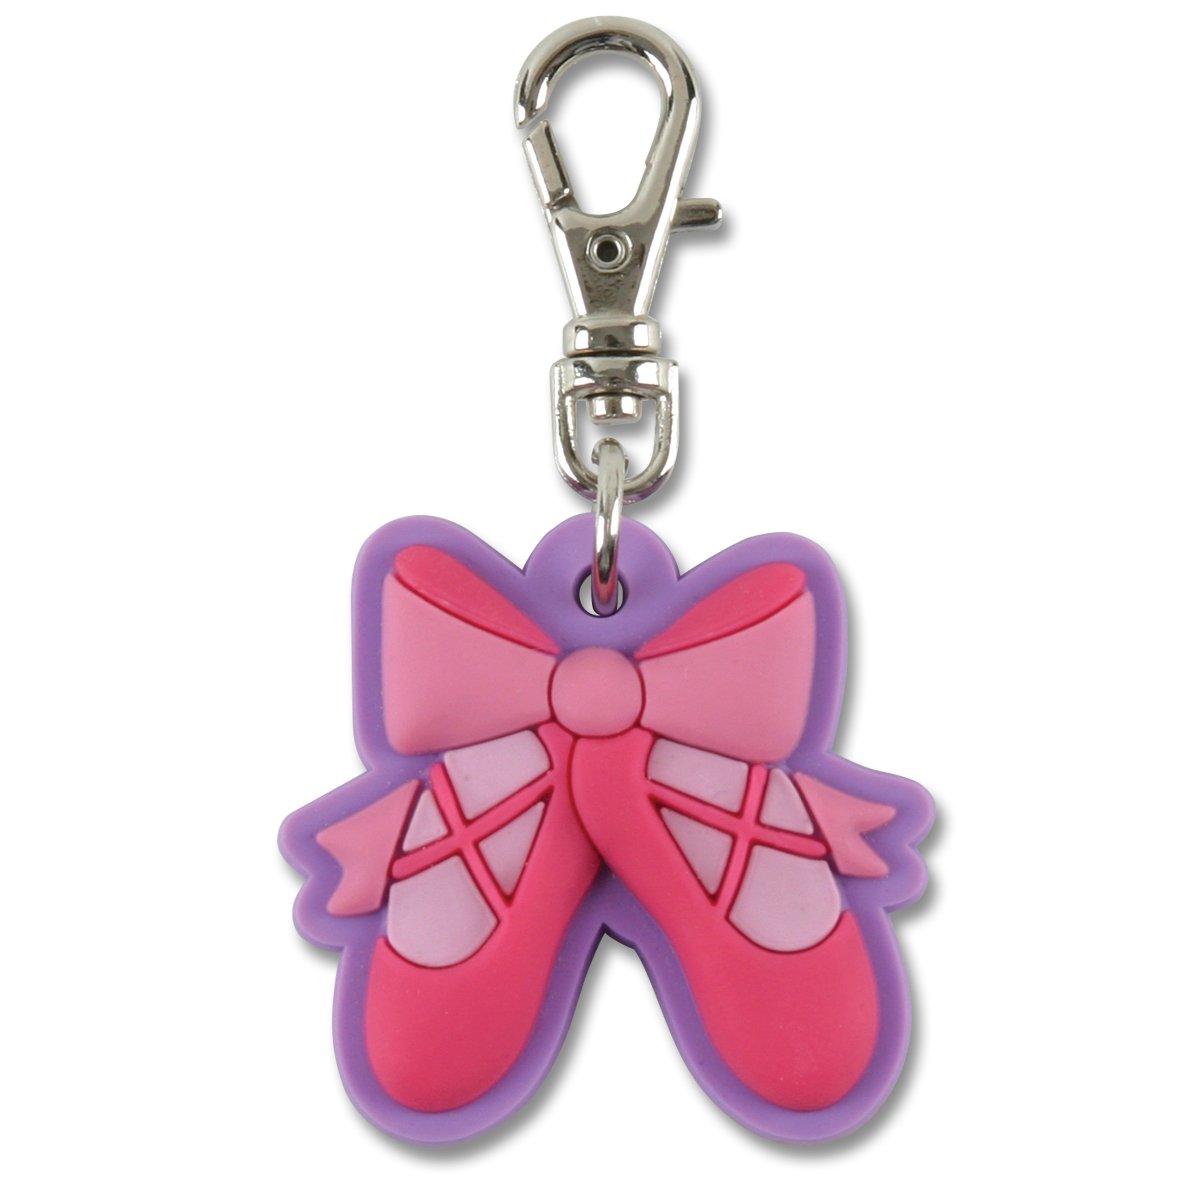 Stephen Joseph Ballett Schuhe Rucksack mit Reißverschluss Pull – Süße Süße Süße Rucksäcke für Mädchen B00P35NDQA | Outlet Online Store  c89edb